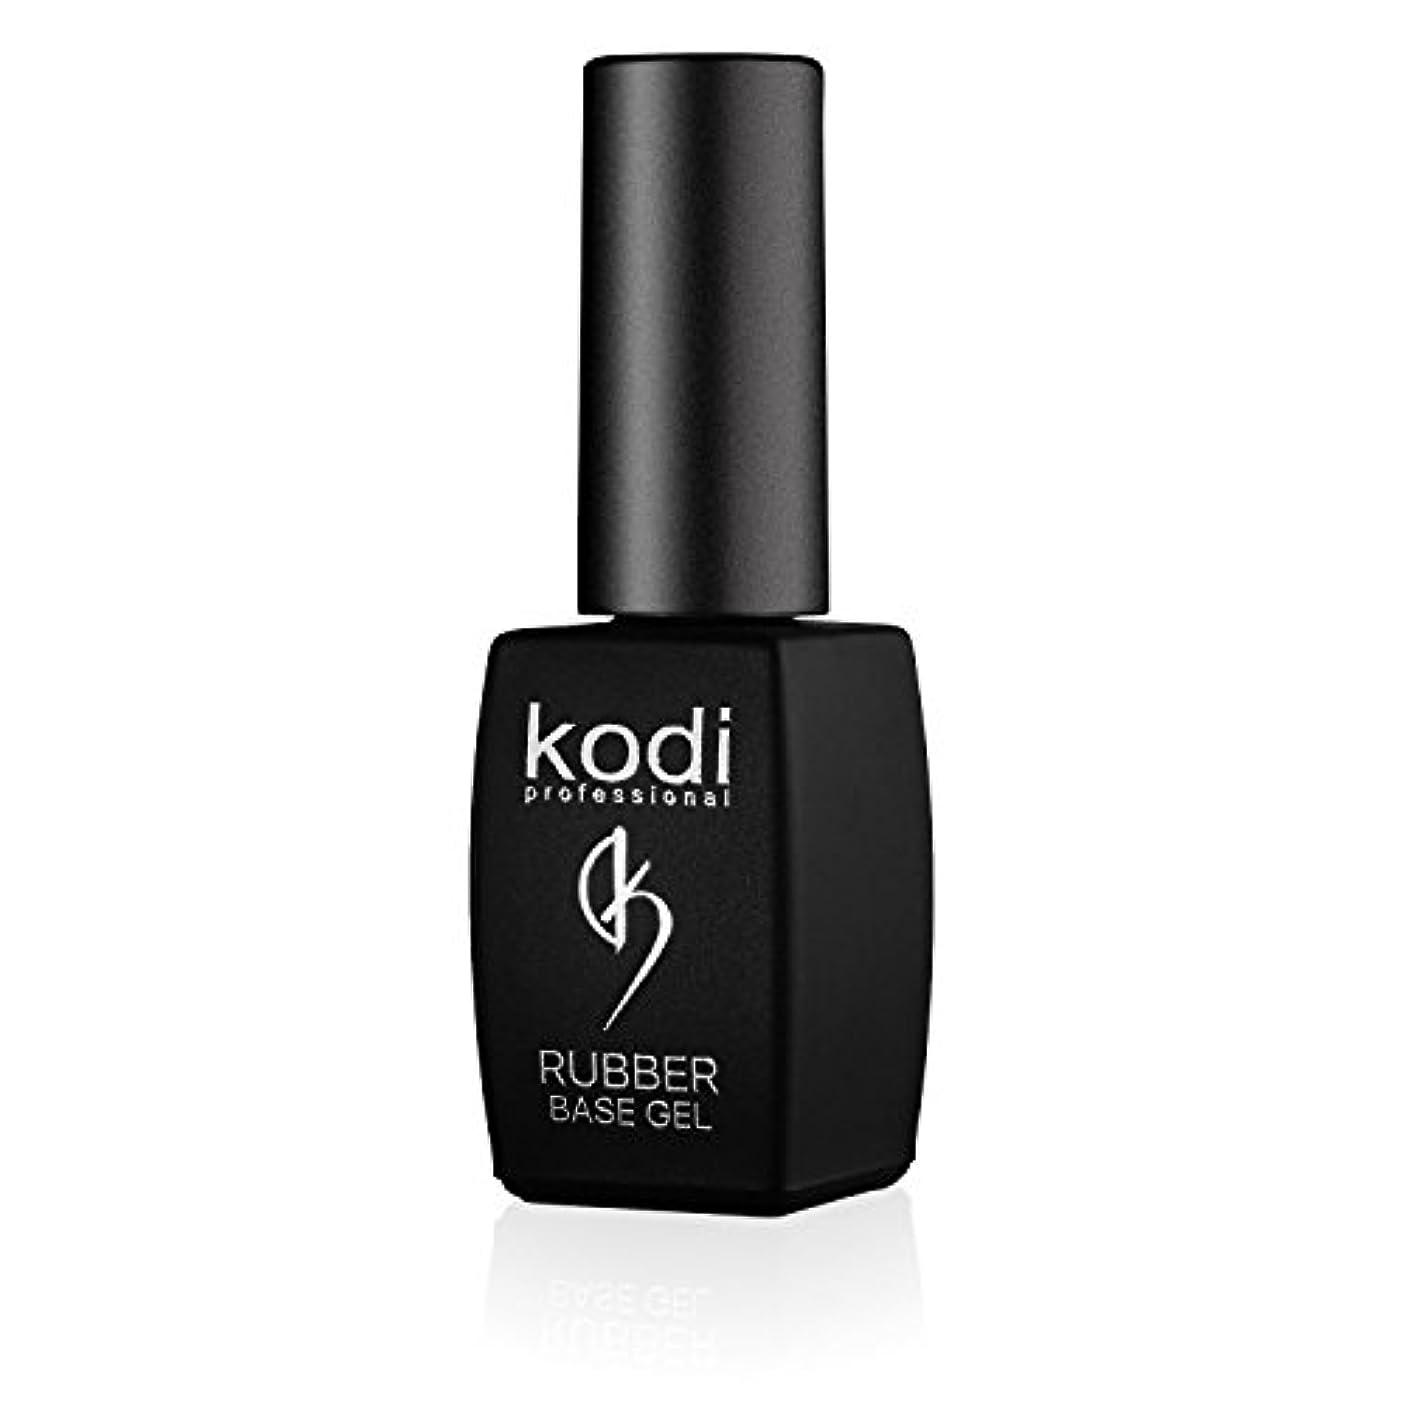 妊娠したピクニックをする自分を引き上げるProfessional Rubber Base Gel By Kodi | 8ml 0.27 oz | Soak Off, Polish Fingernails Coat Gel | For Long Lasting...